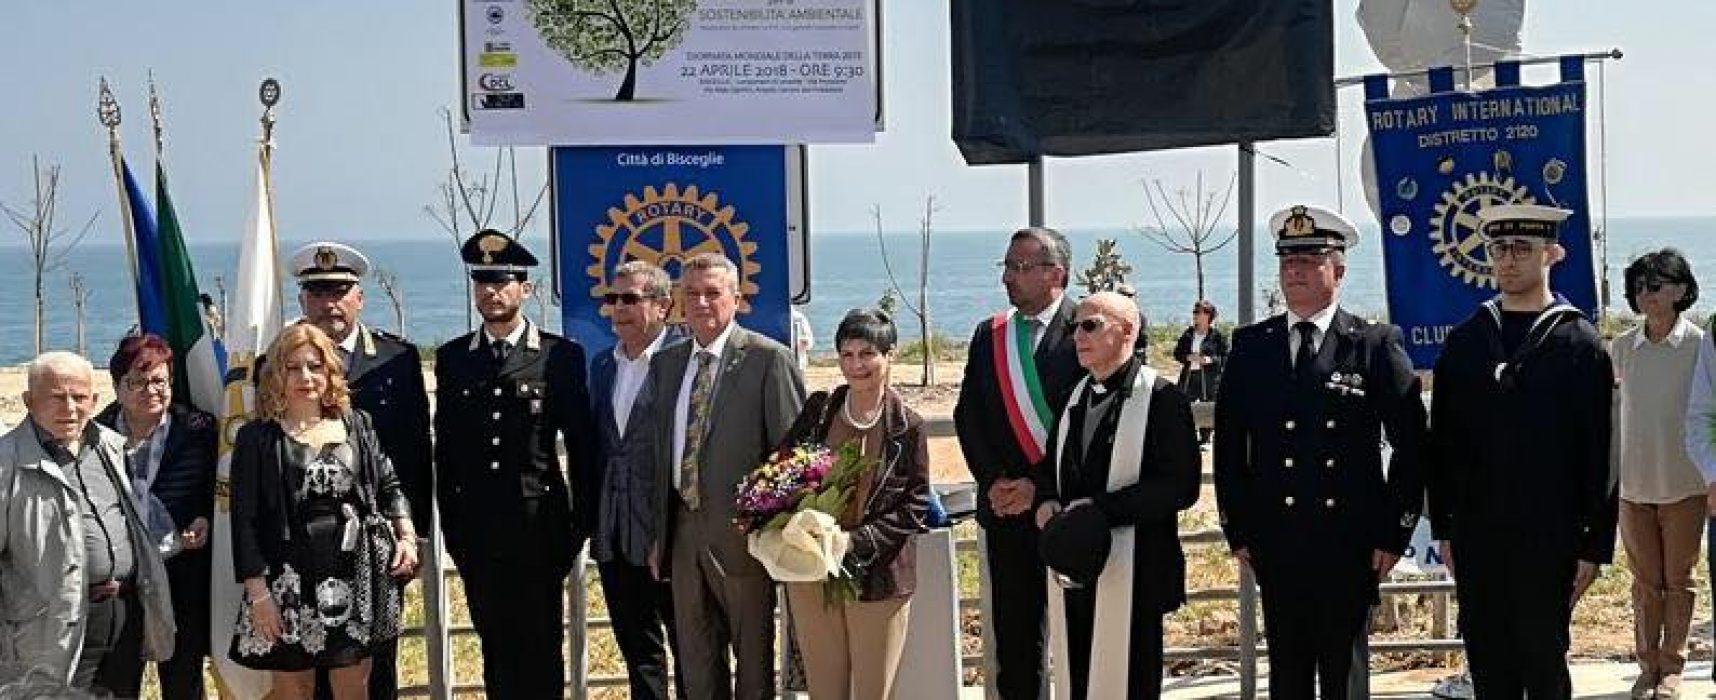 """Oggi a Bisceglie incontro-convegno, """"Il Rotary per la Sonstenibilità Ambientale"""""""